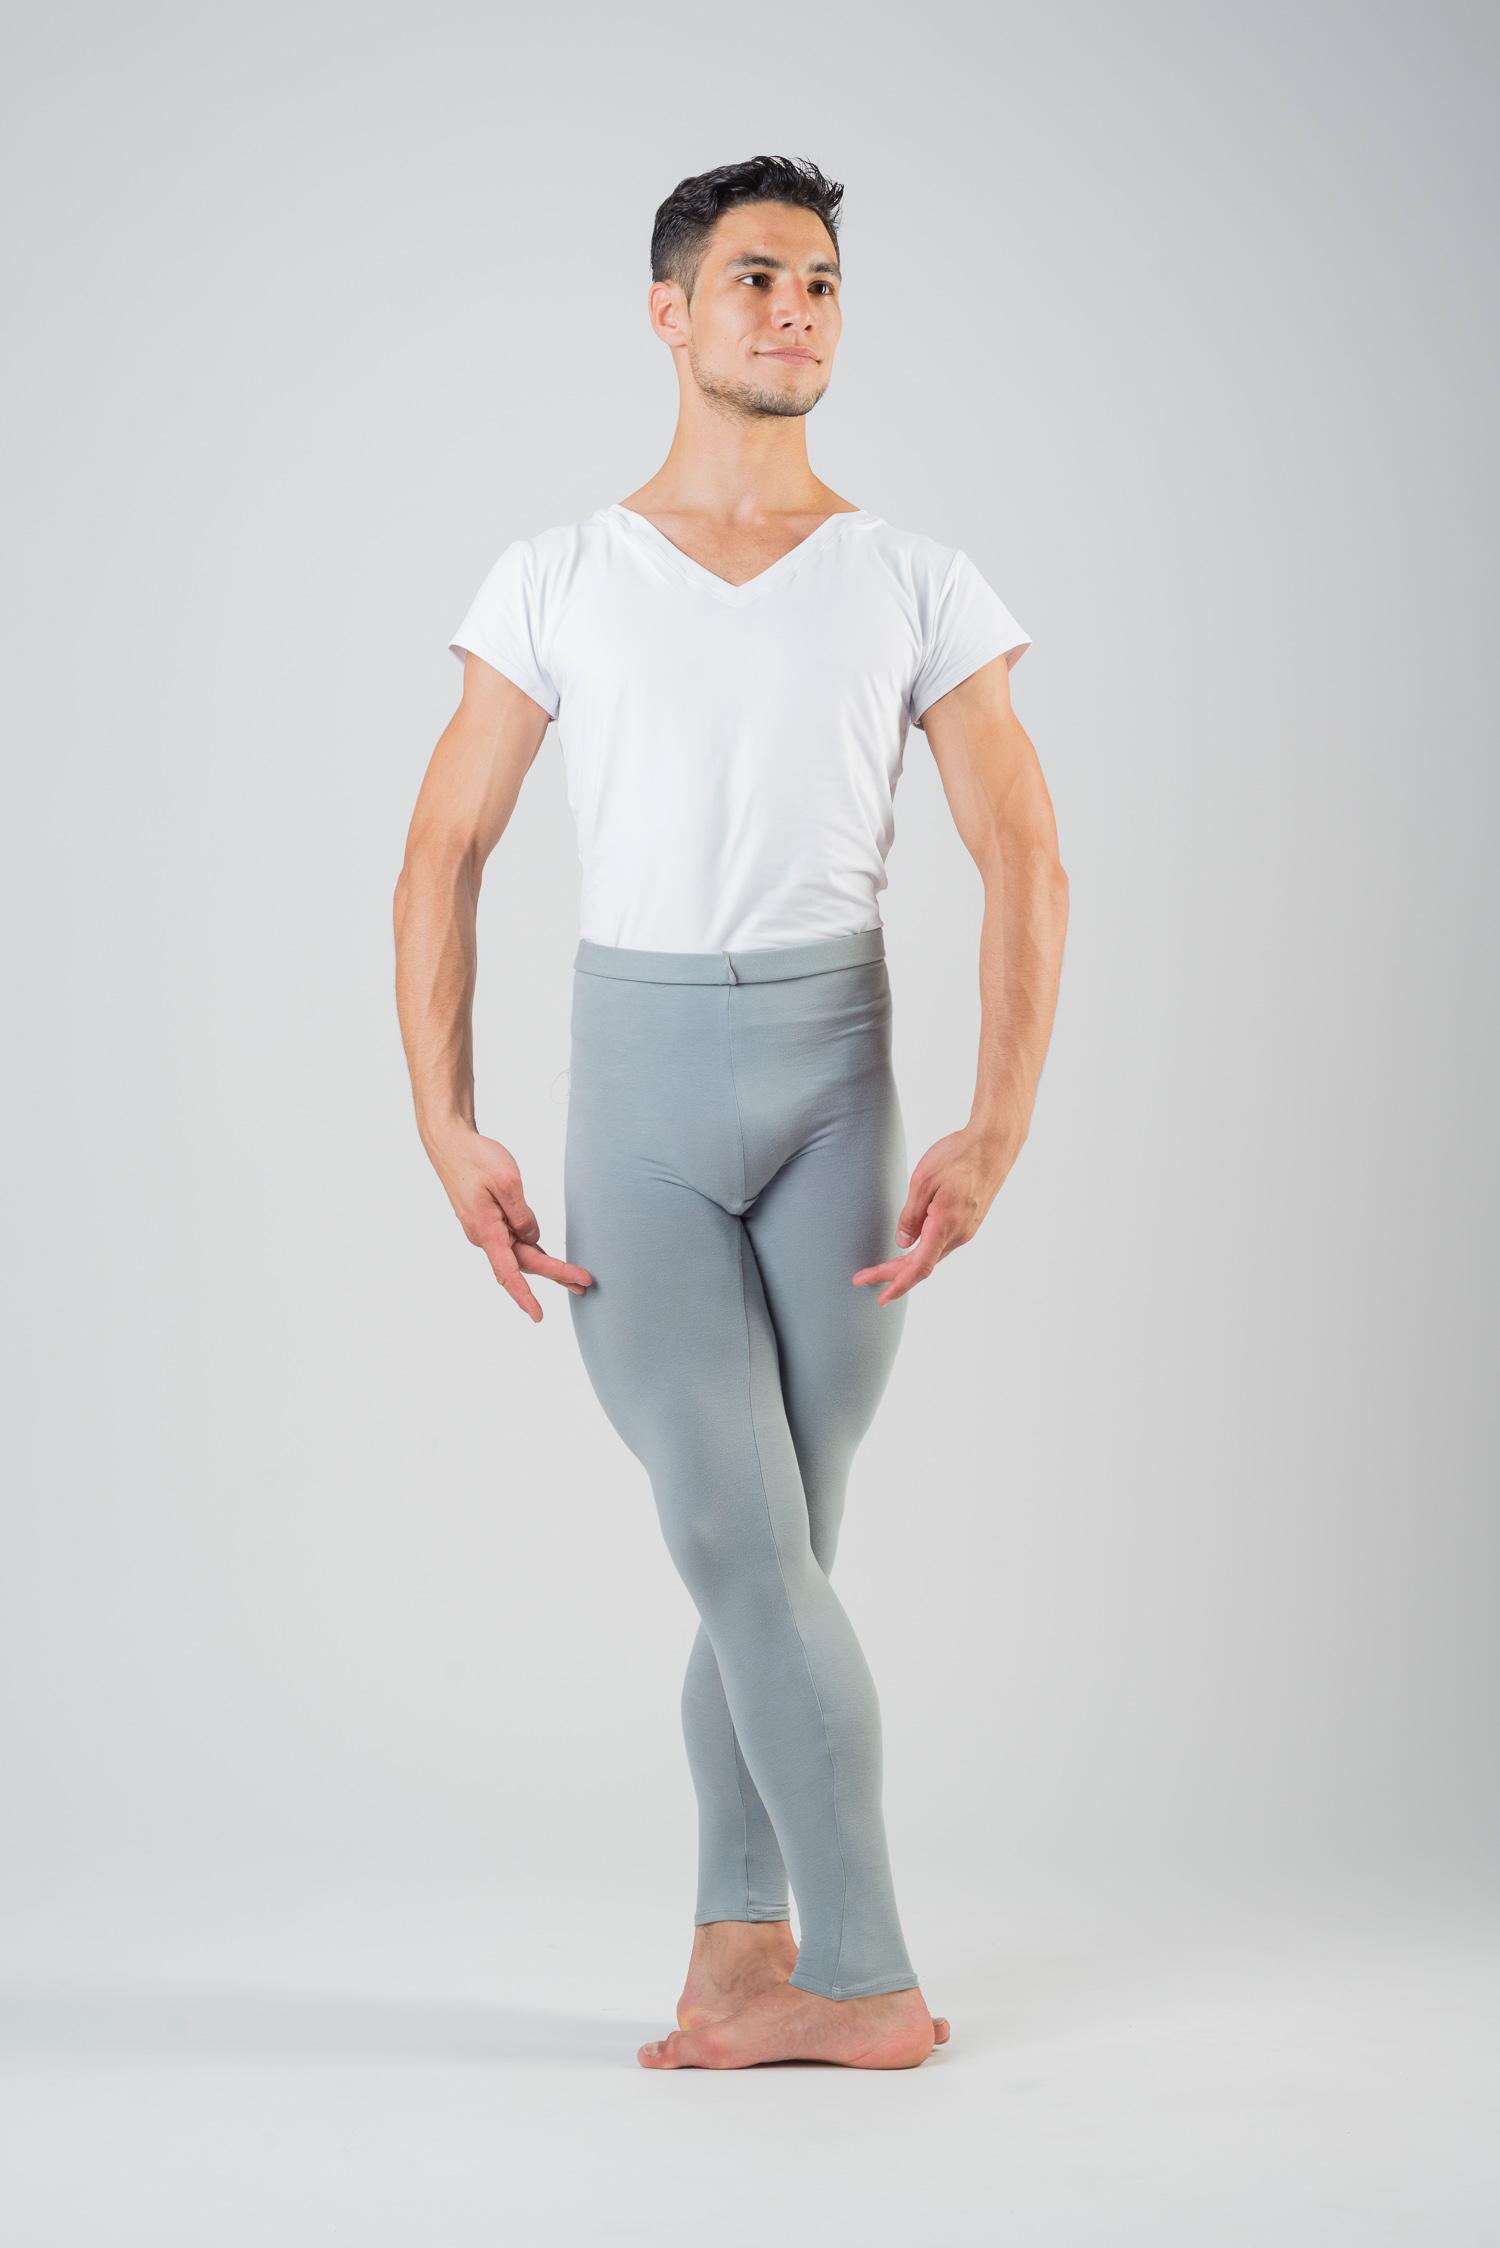 Tenue de danse homme Wear Moi - Mademoiselle danse 82798547230